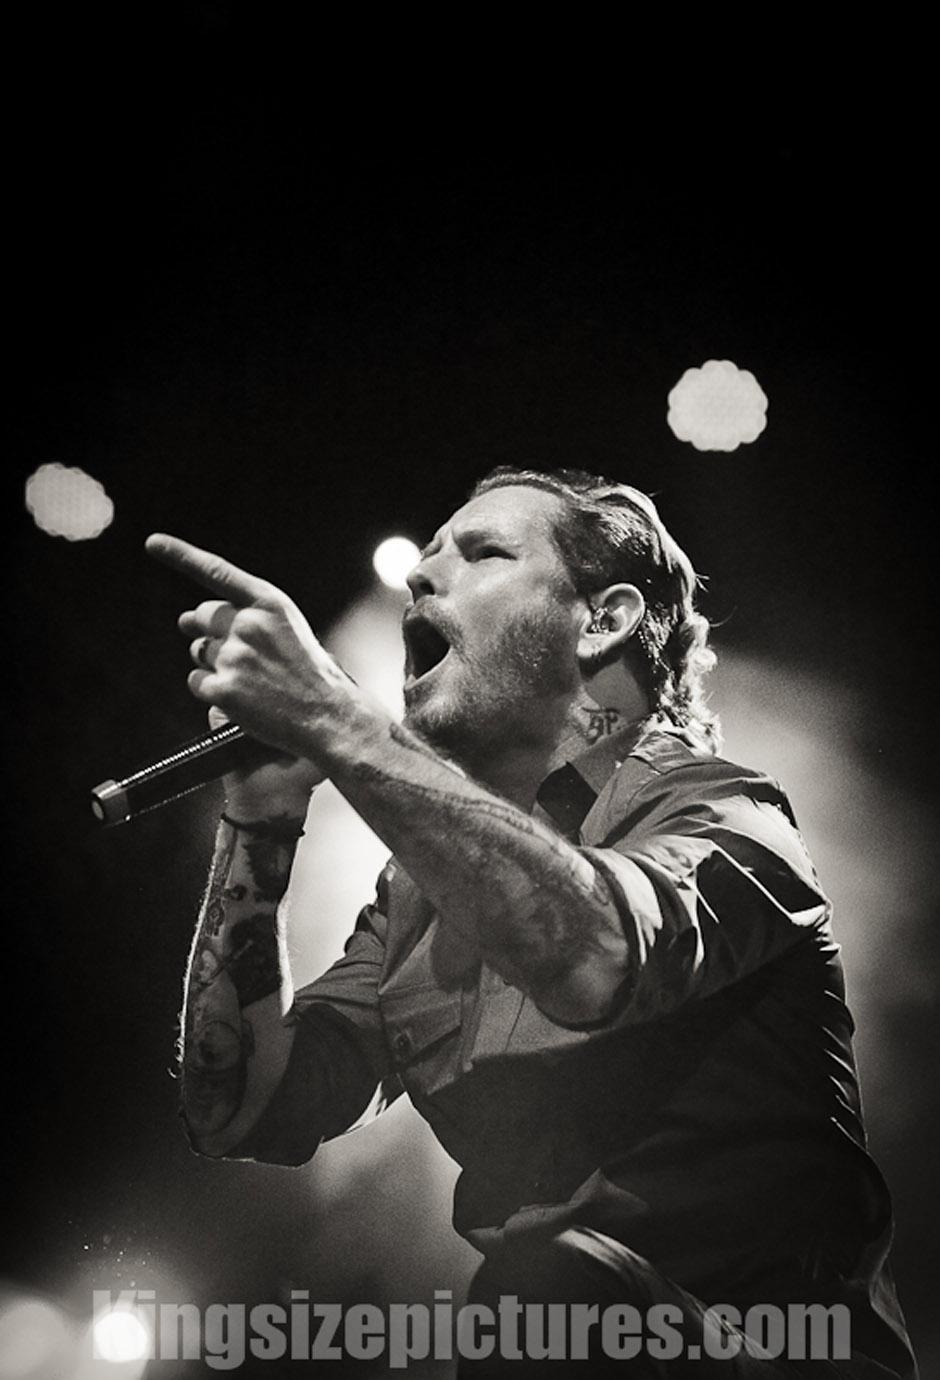 Stone Sour live, 30.11.2012, Wien